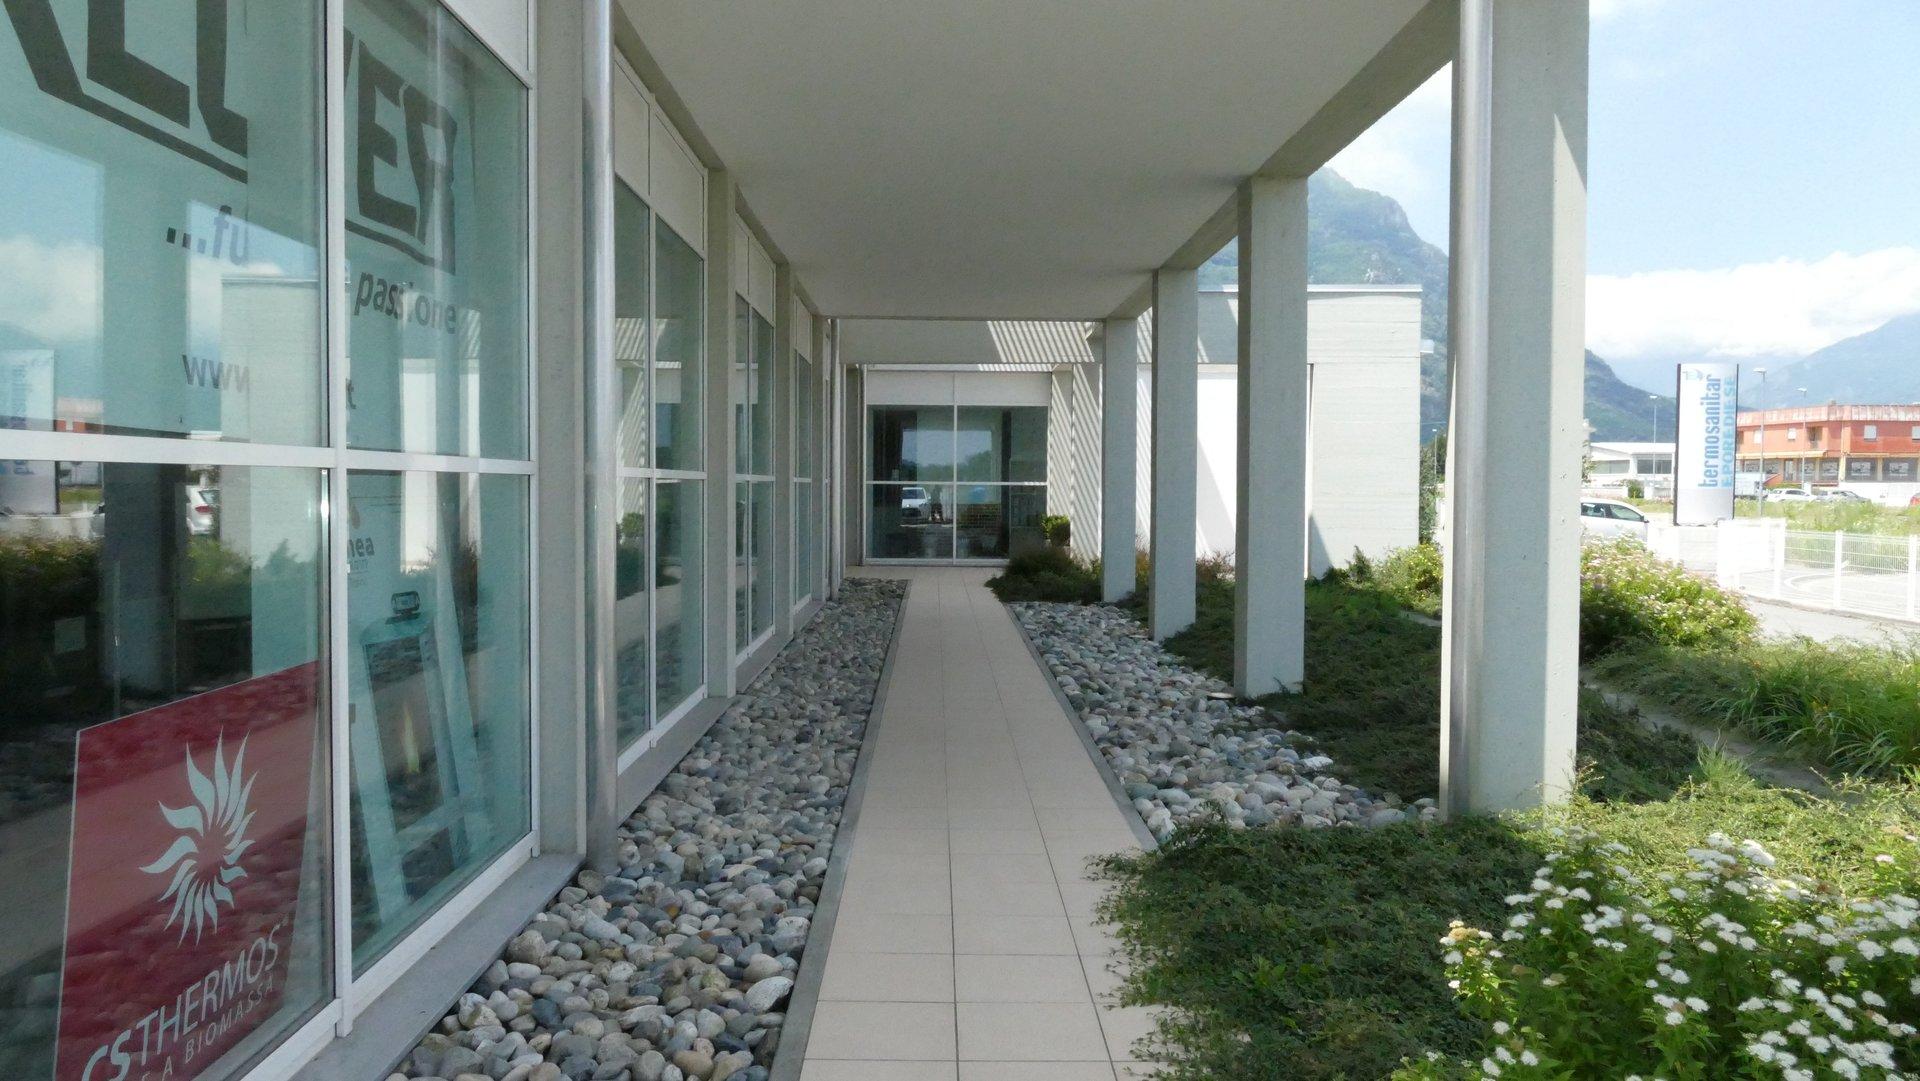 corridoio esterno di una ditta